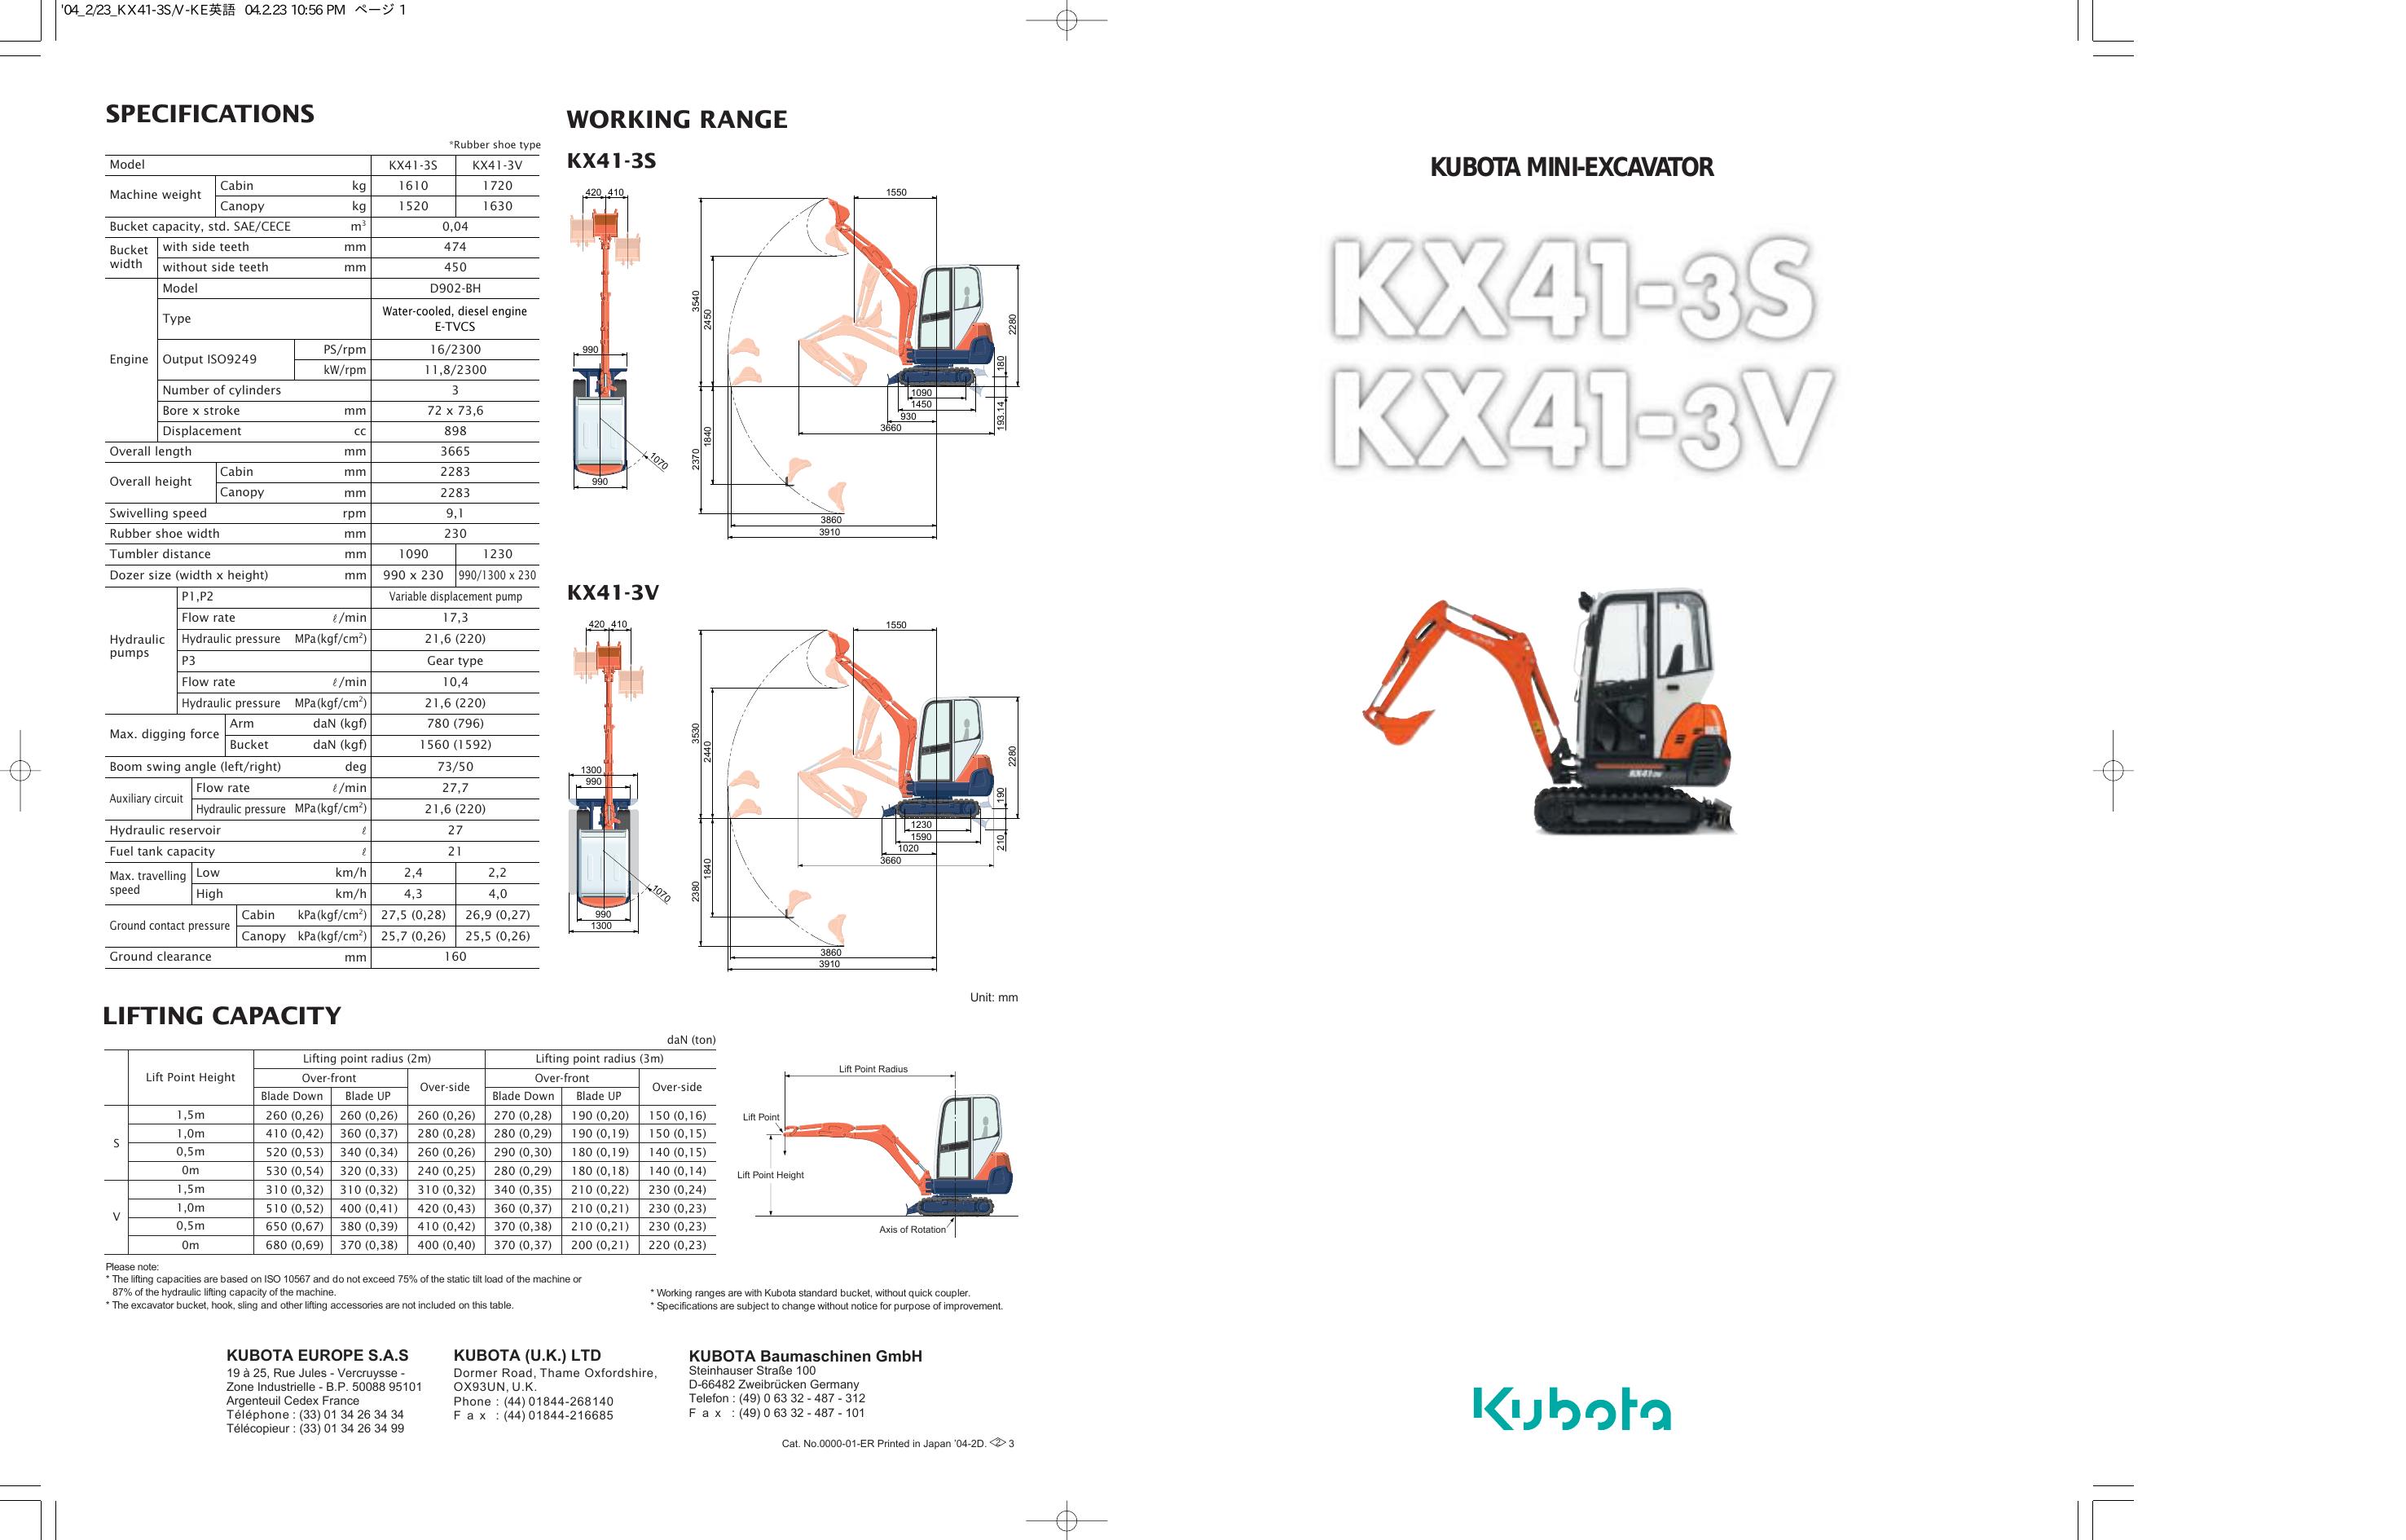 Miraculous Kubota Kx41 Wiring Diagram Basic Electronics Wiring Diagram Wiring Digital Resources Antuskbiperorg